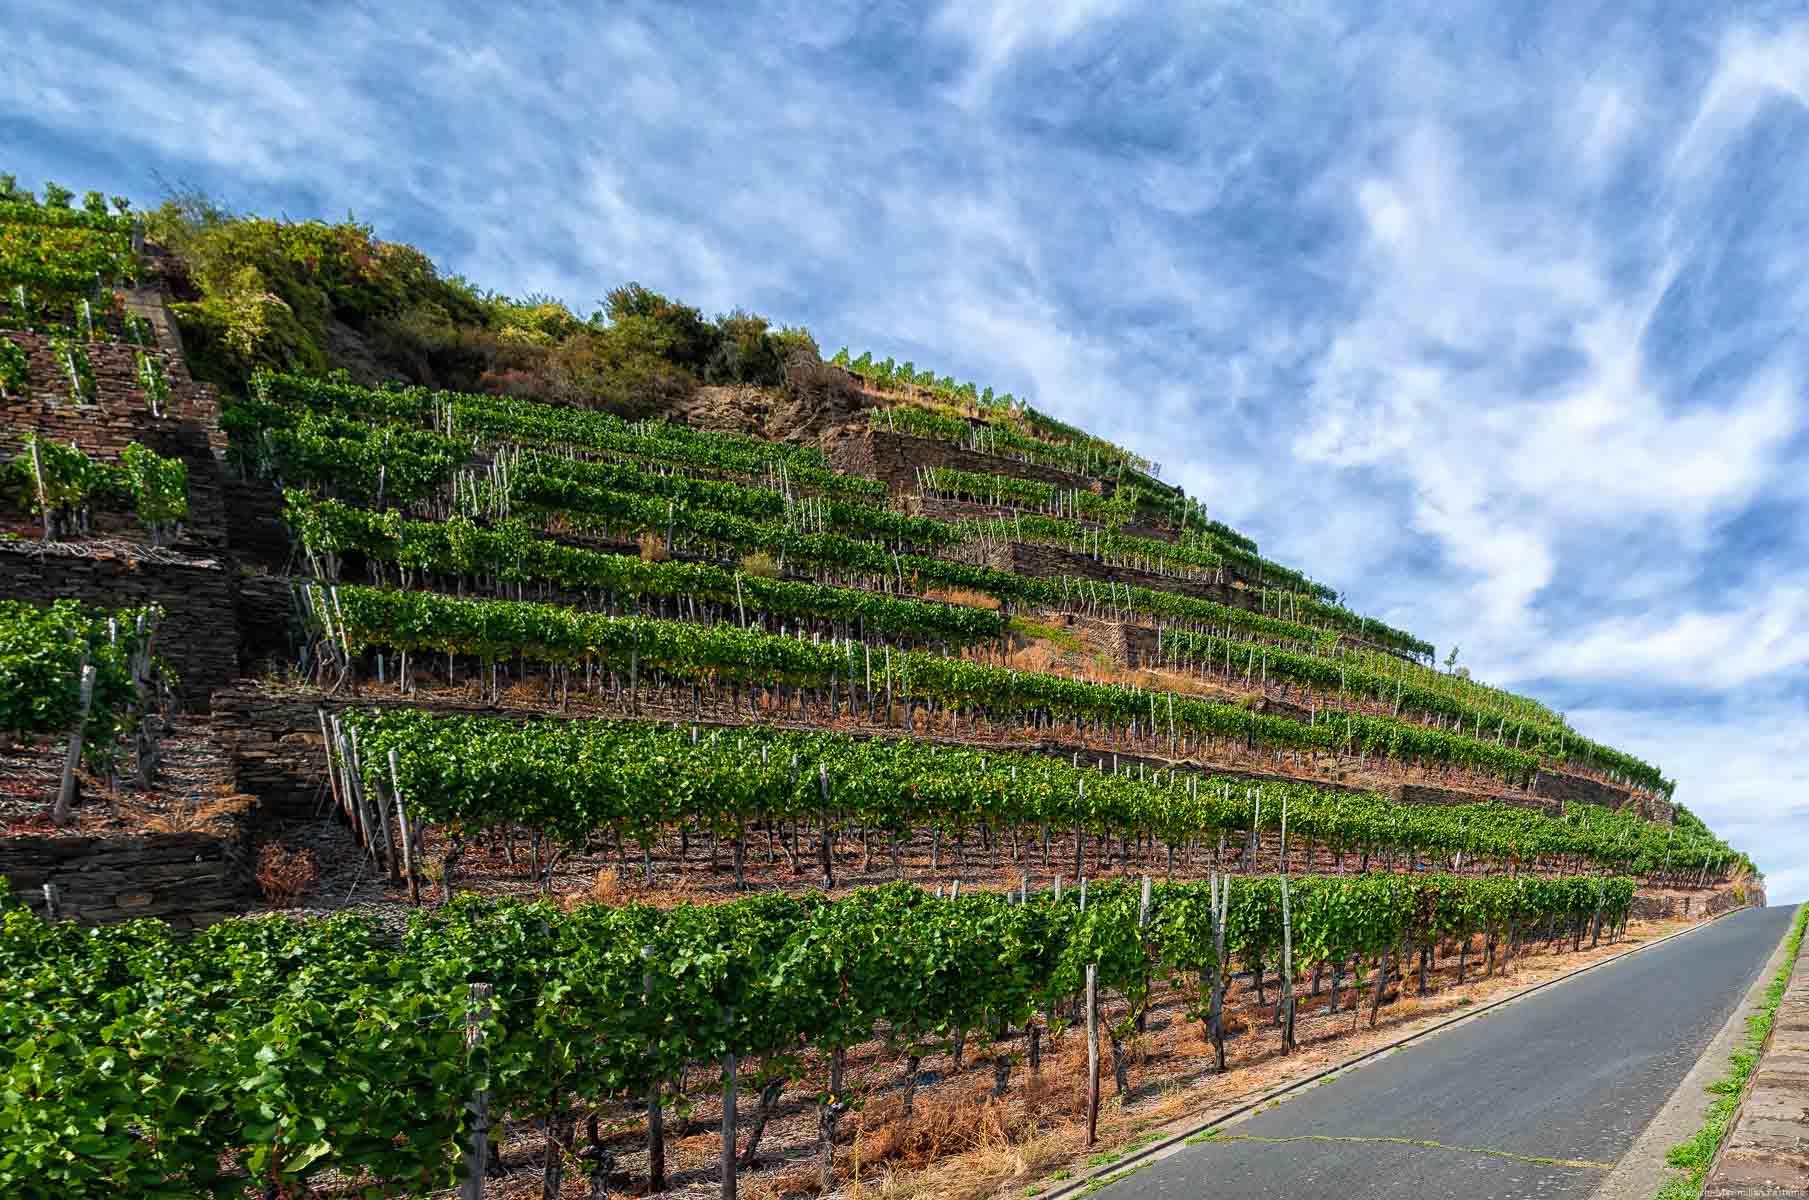 Der Weinberg Walporzheimer Kräuterberg in der Region Ahr wird auf Terrassen bewirtschaftet. Vorner verläuft eine Straße. Oben ist leicht bewölkter Himmel